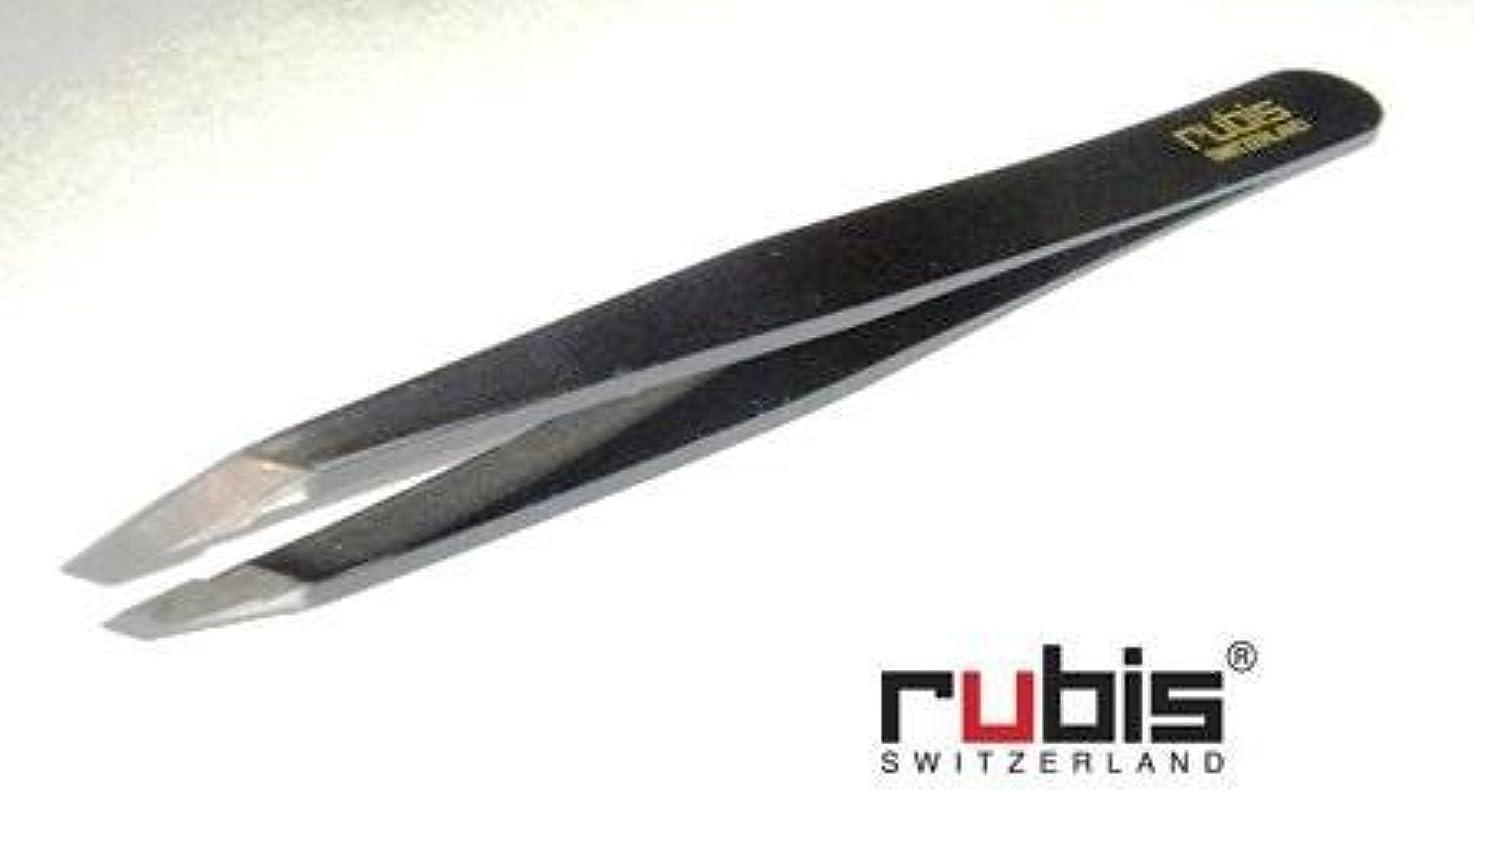 ルビス(スイス) ツイザー95mm(ブラック)先斜